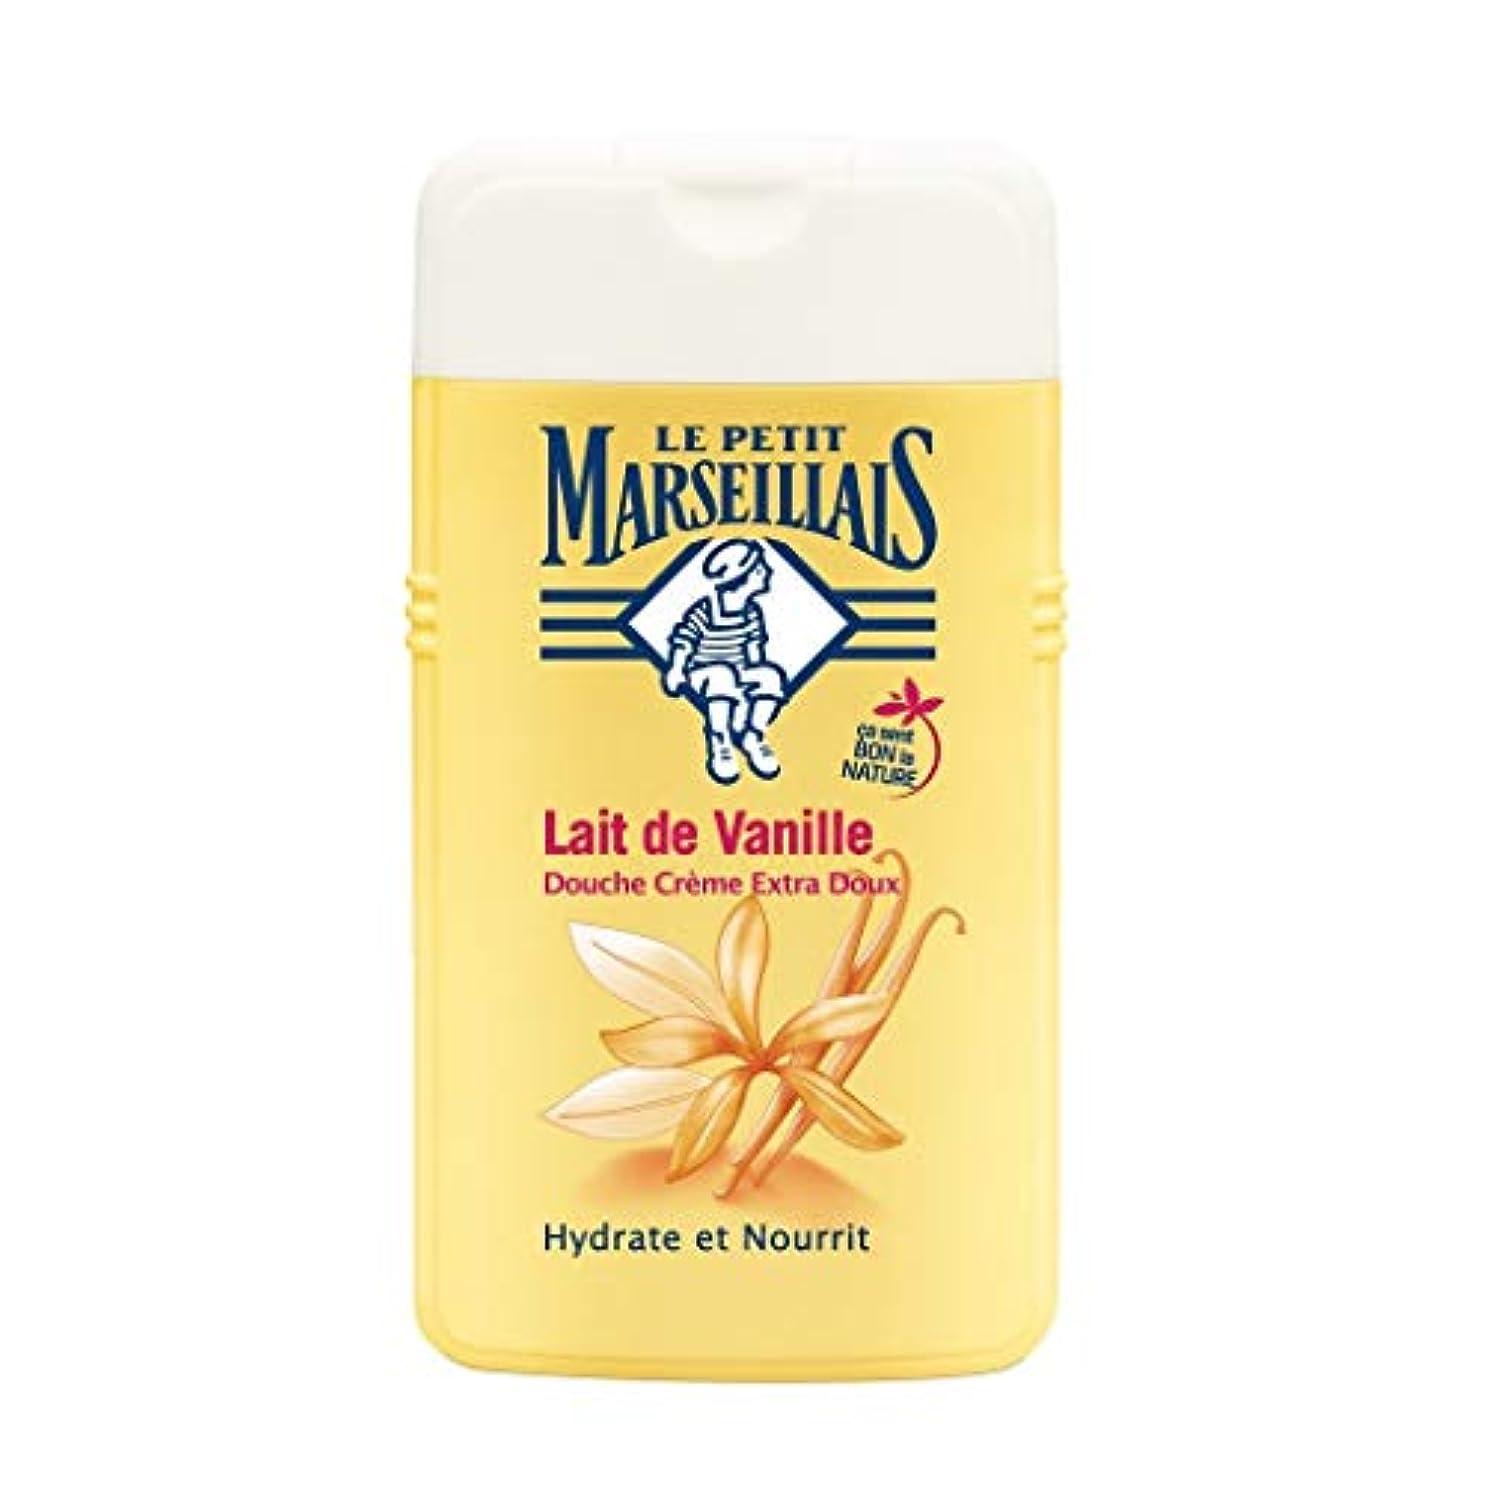 鳩描写有力者「バニラミルク」 シャワークリーム フランスの「ル?プティ?マルセイユ (Le Petit Marseillais)」 250ml ボディウォッシュ